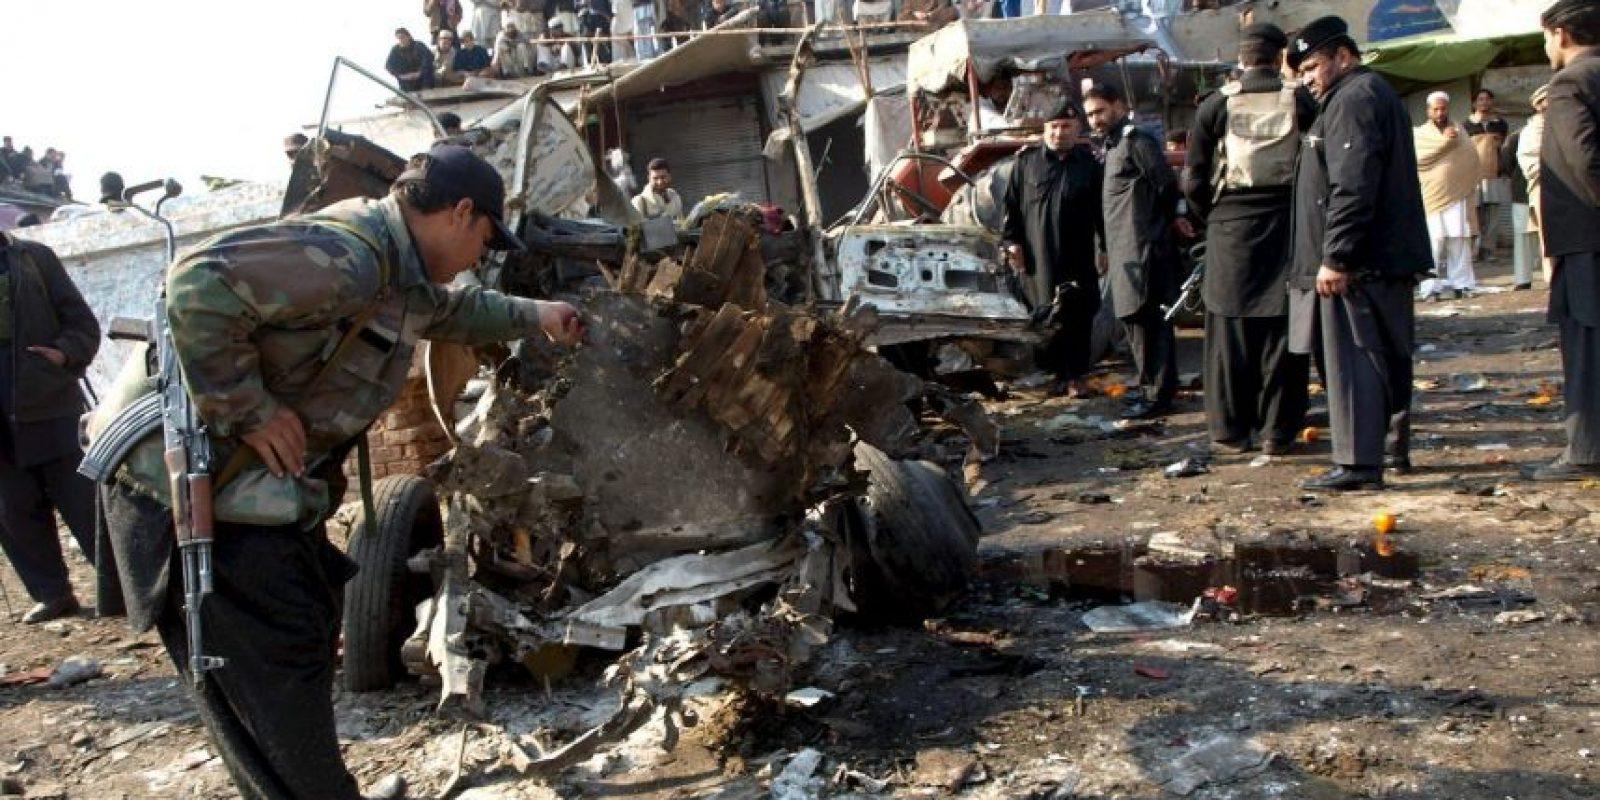 Khan Jan habría muerto en el atentado. Foto:Getty Images